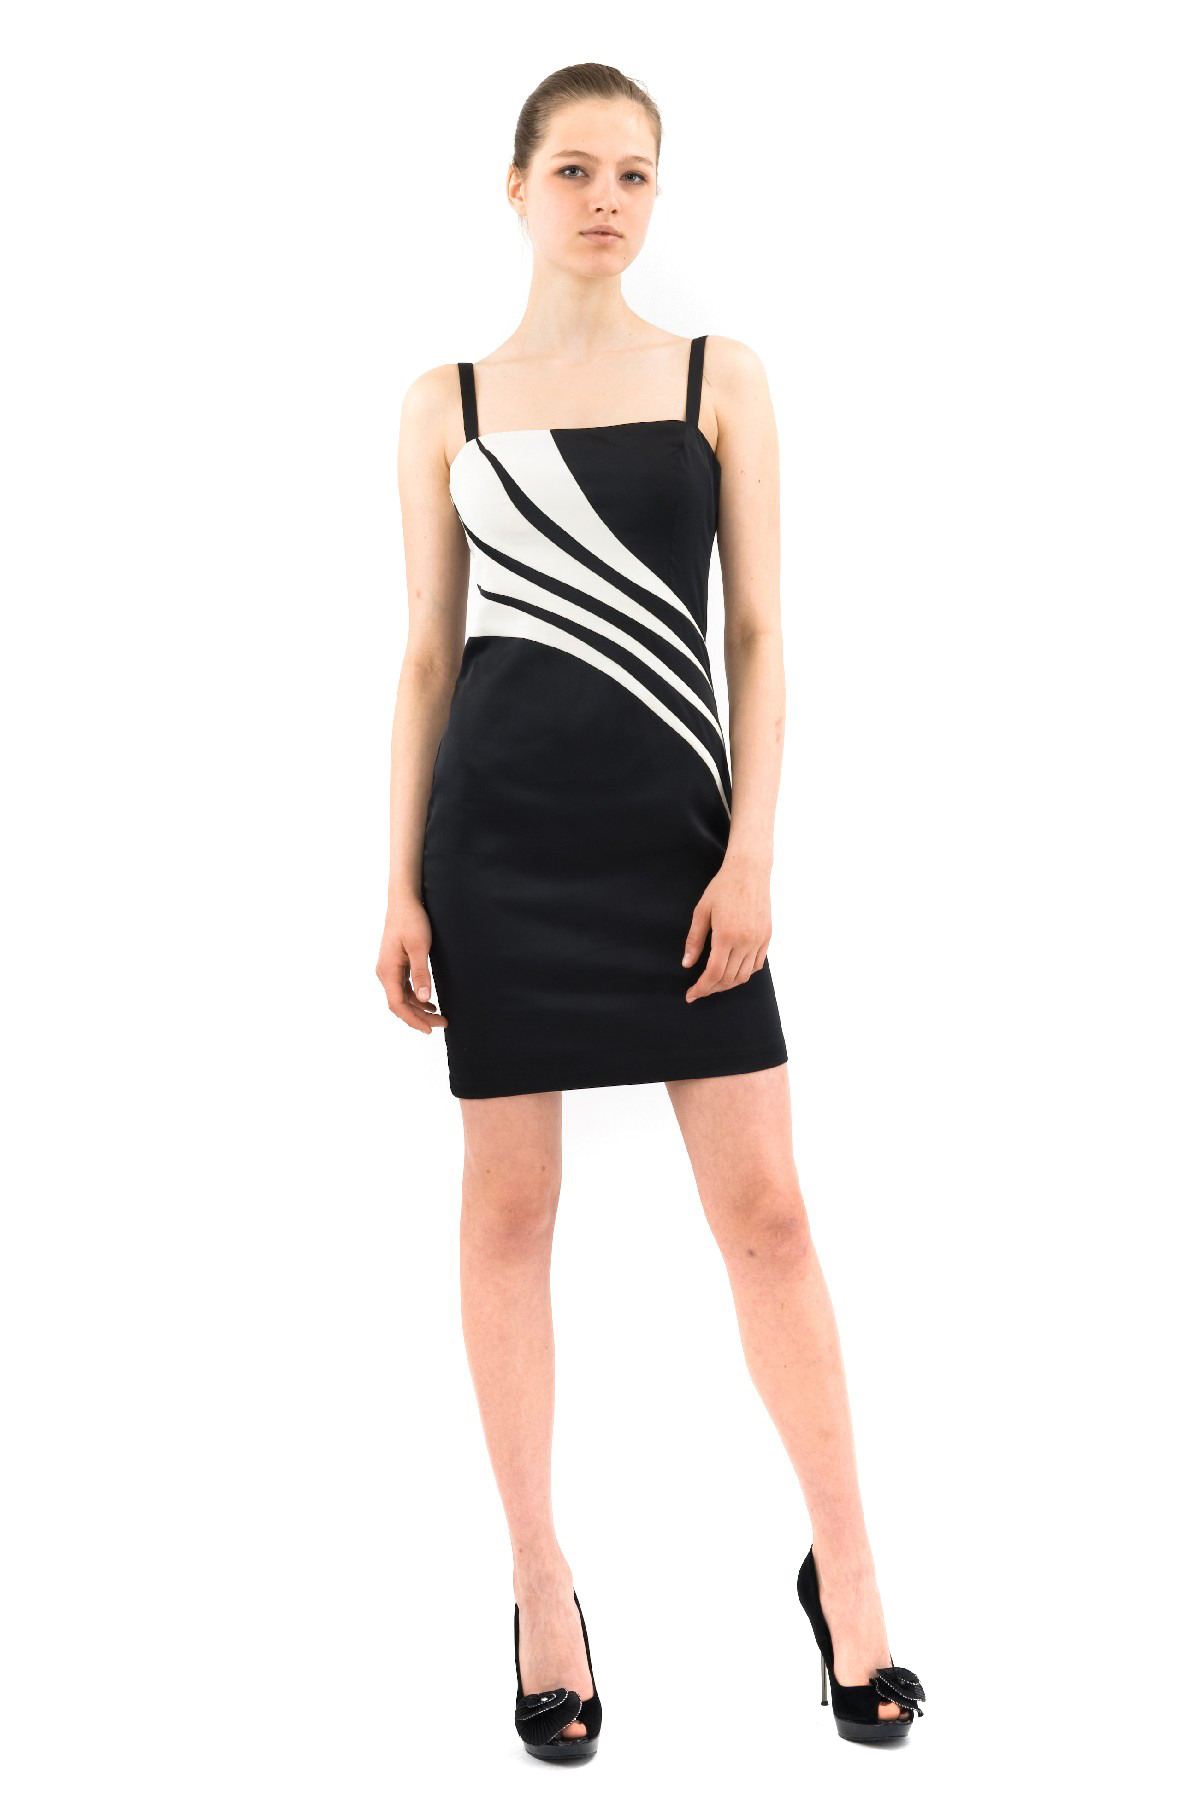 ПлатьеПлатья,  сарафаны<br>Поистине очаровательное, шикарное платье на бретельках. Великолепная модель приталенного силуэта подчеркивает все изгибы прелестной женской фигуры.<br><br>Цвет: черный,молочный<br>Состав: 100% полиэстер, подкладка-100% полиэстер<br>Размер: 42<br>Страна дизайна: Россия<br>Страна производства: Россия